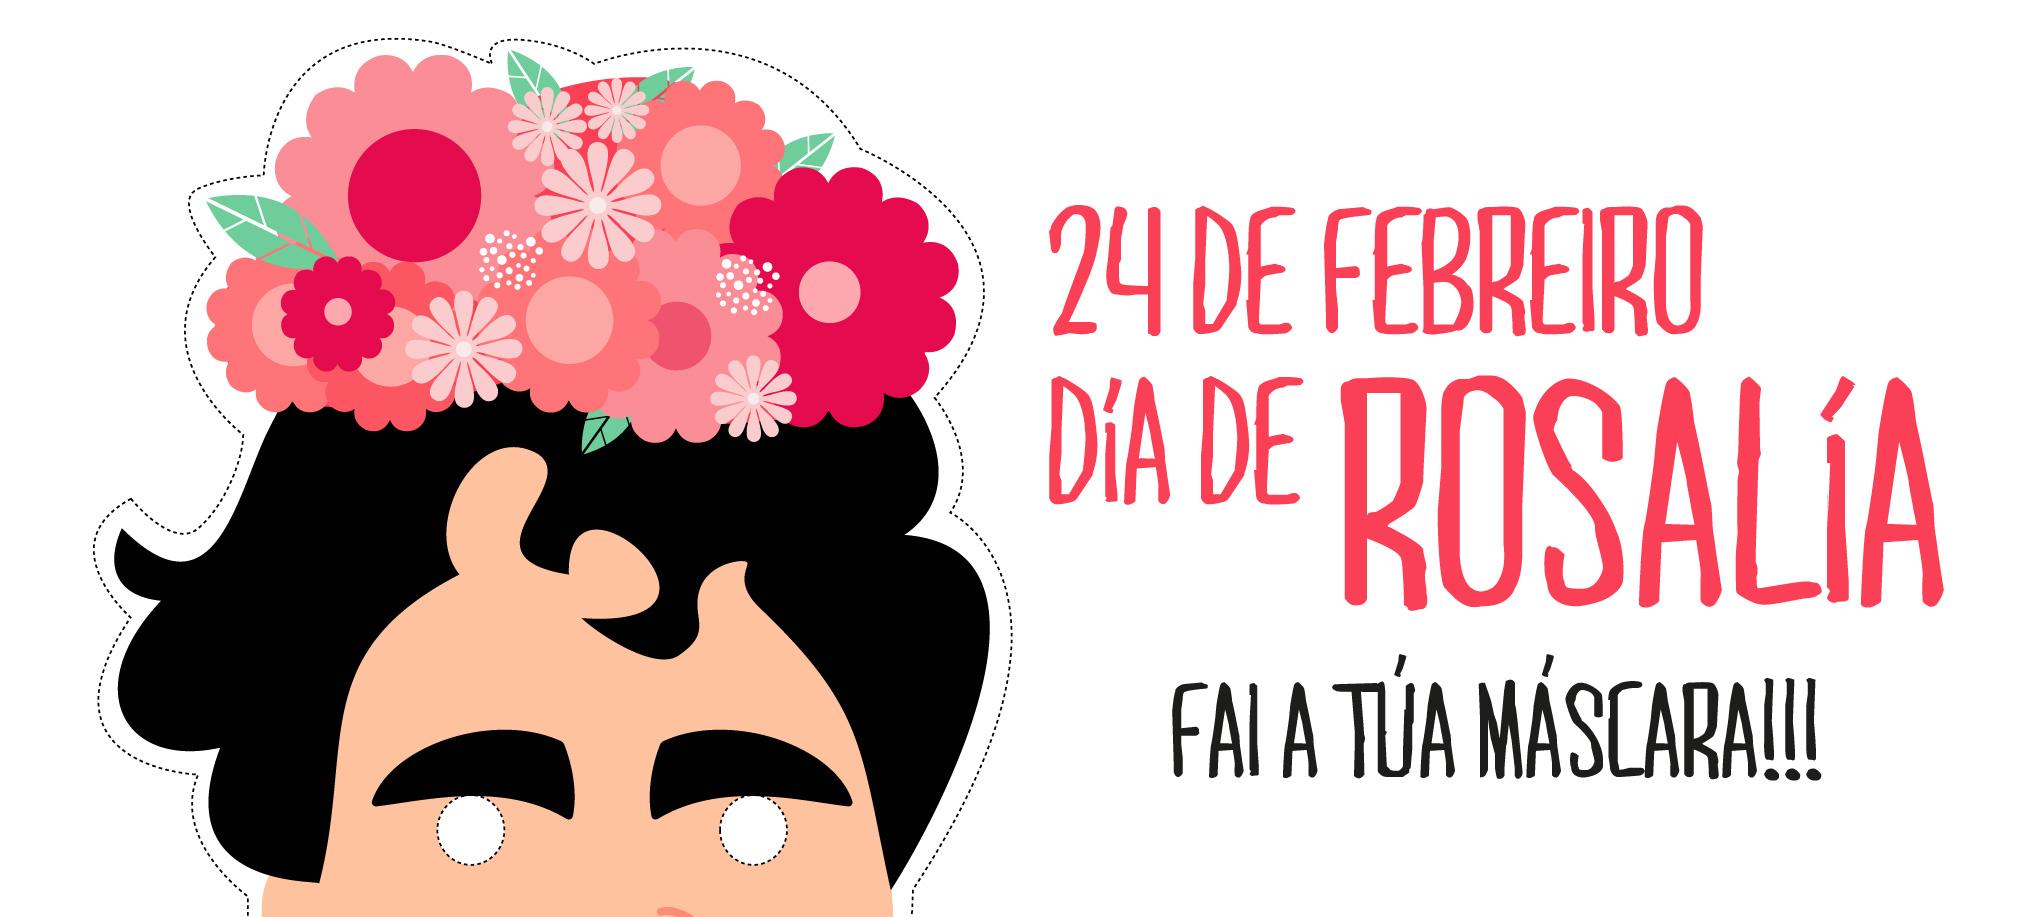 Máscara de Rosalía